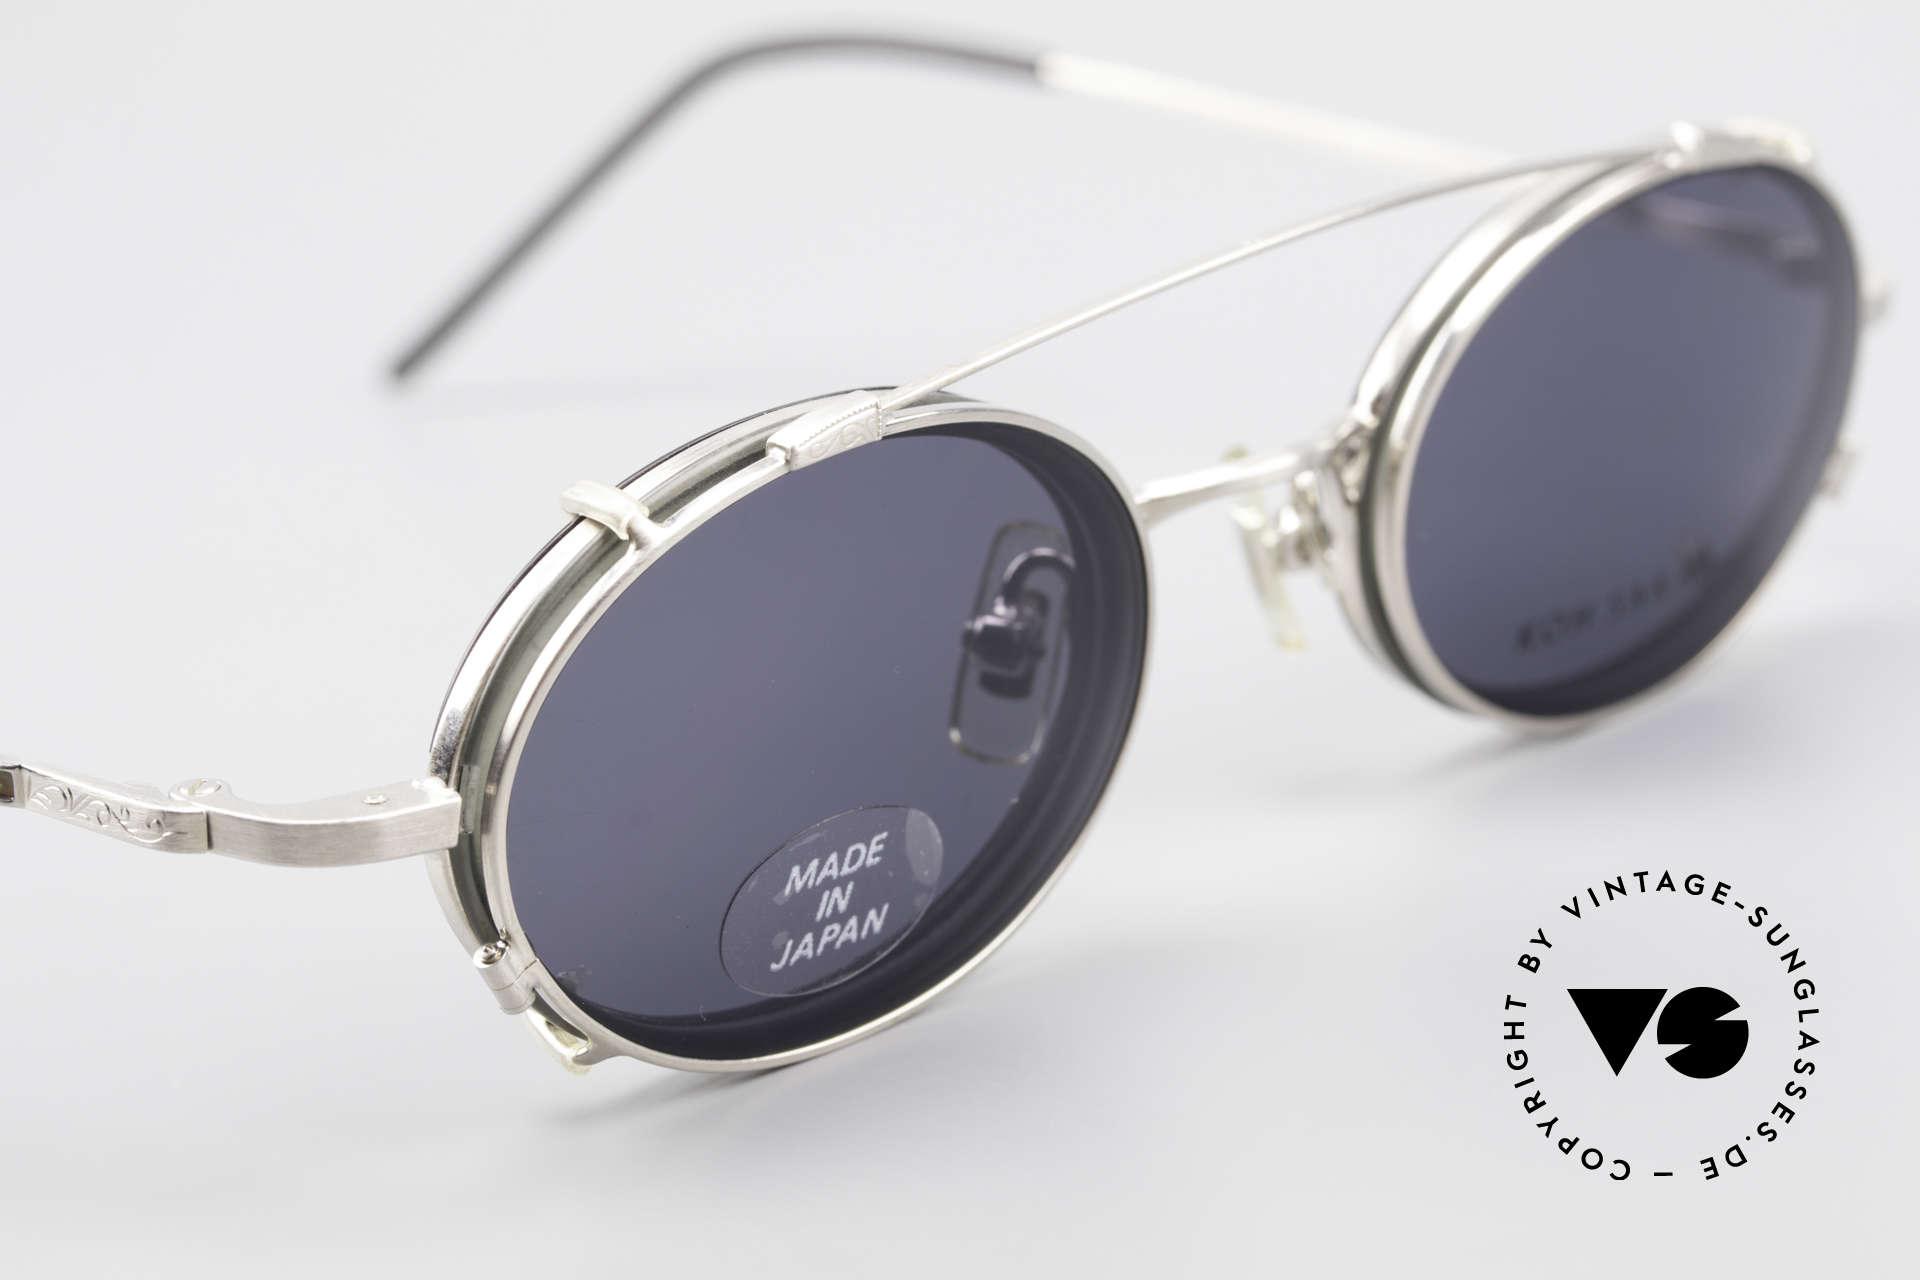 Koh Sakai KS9831 90er Brille Oval Made in Japan, entsprechend sind Qualität & Anmutung identisch top, Passend für Herren